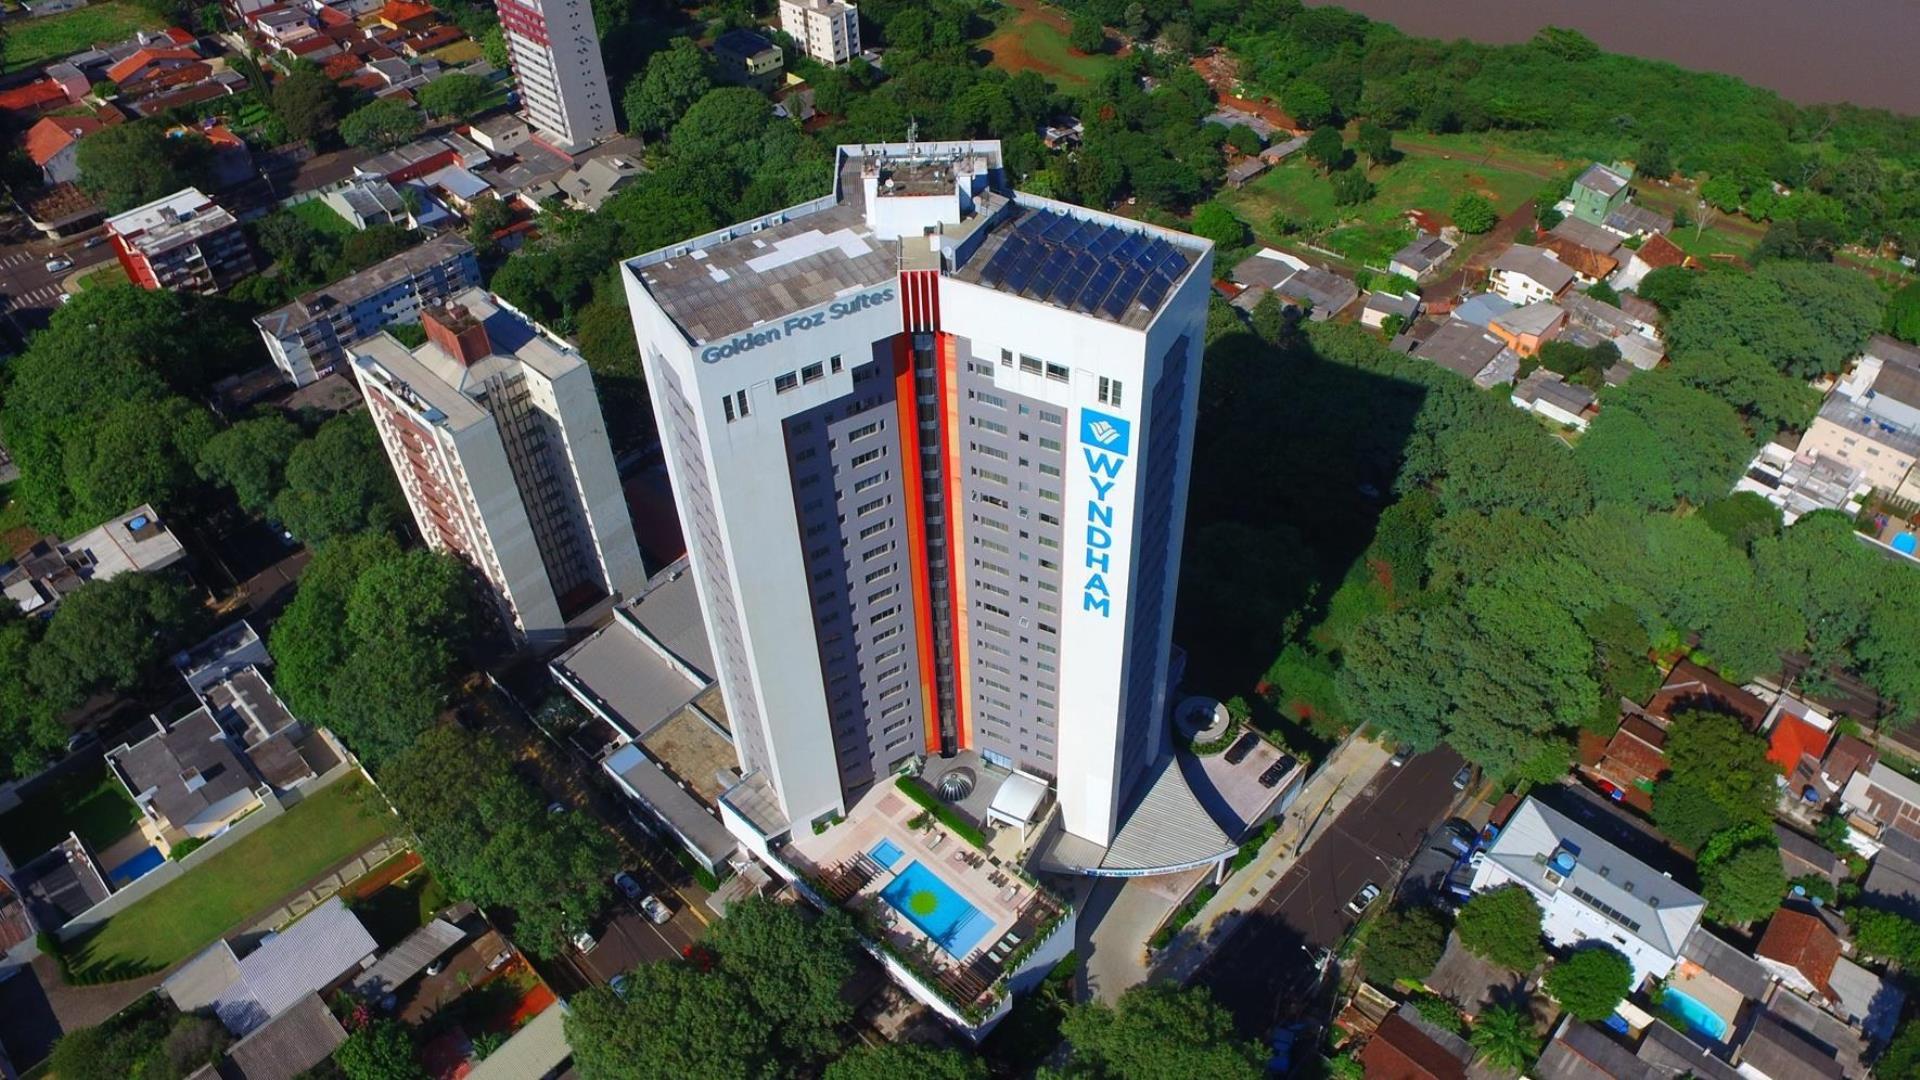 Brasilien Foz do Iguacu: Superior Hotel - Hotel Wyndham Golden Foz Suites